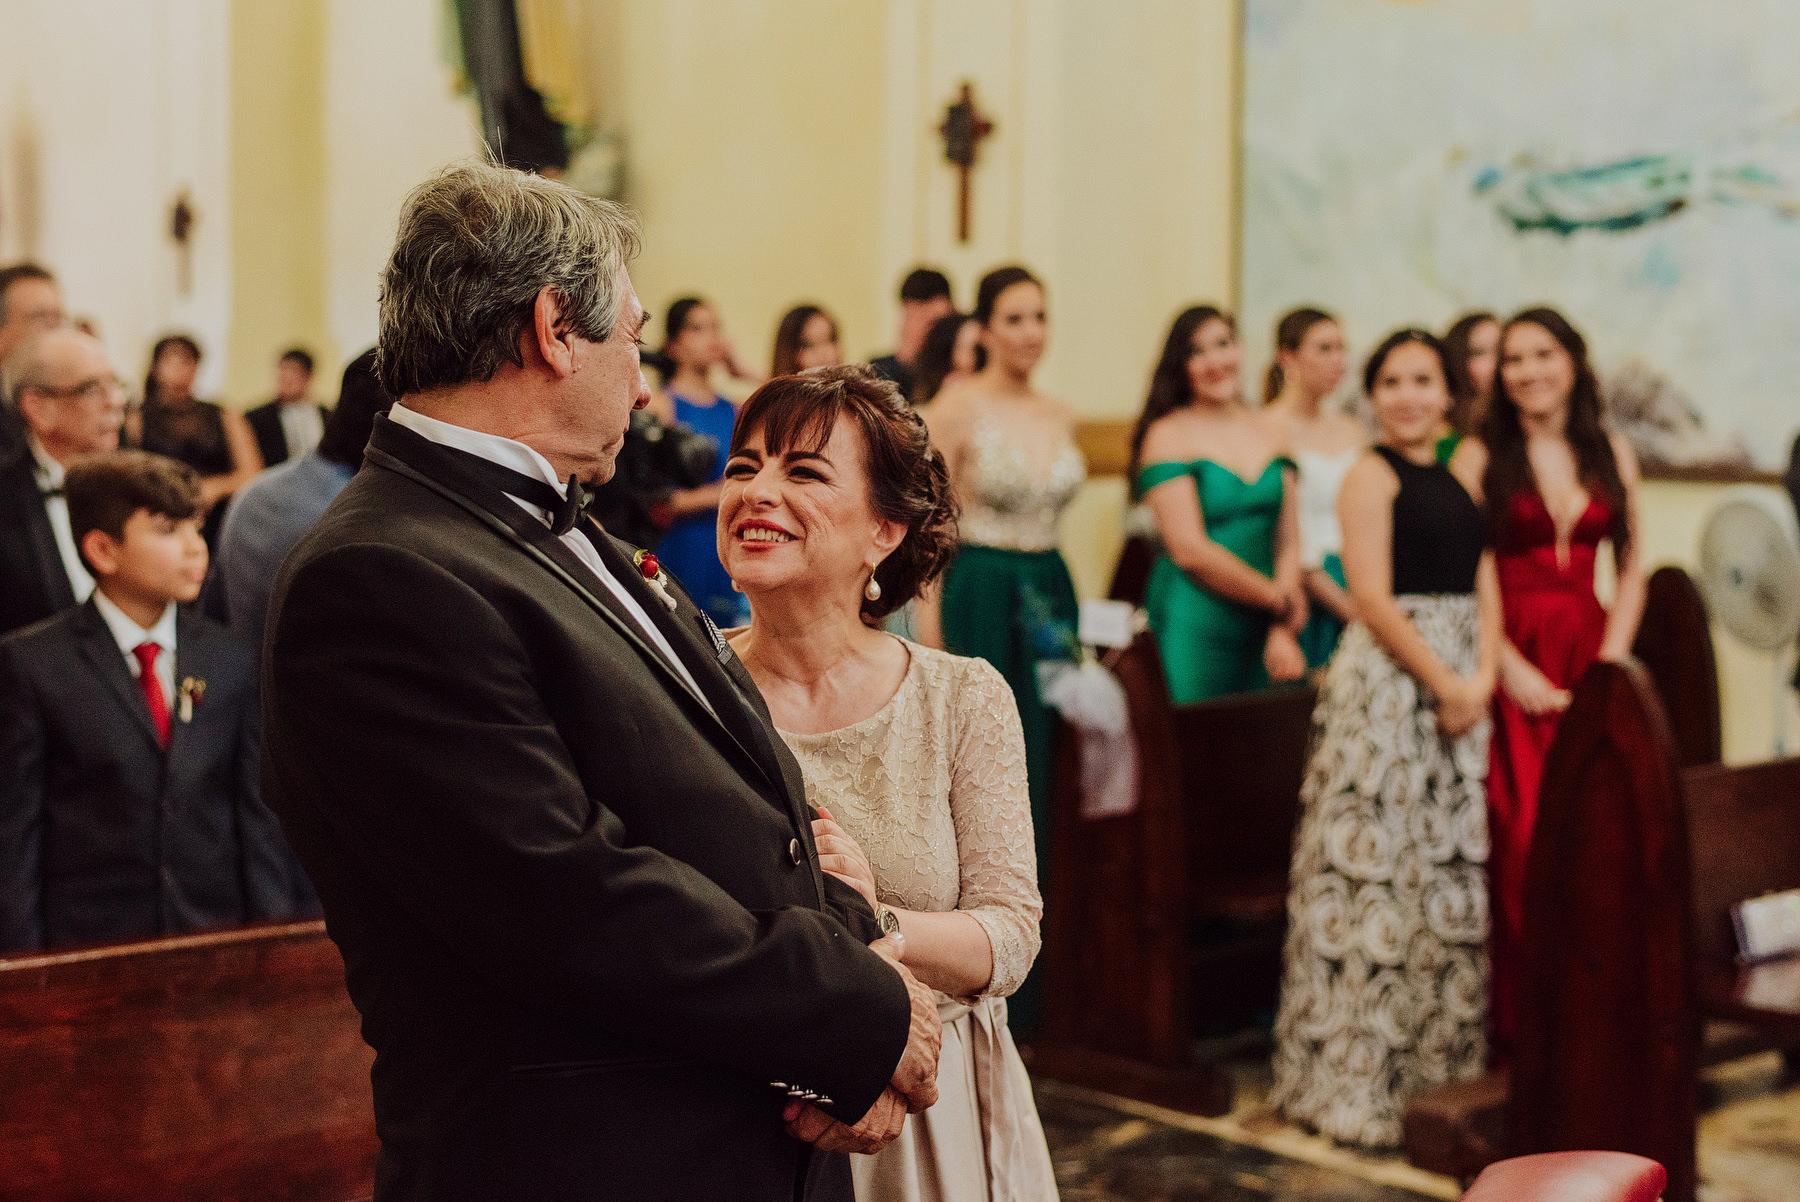 monterrey wedding vitro parque el manzano